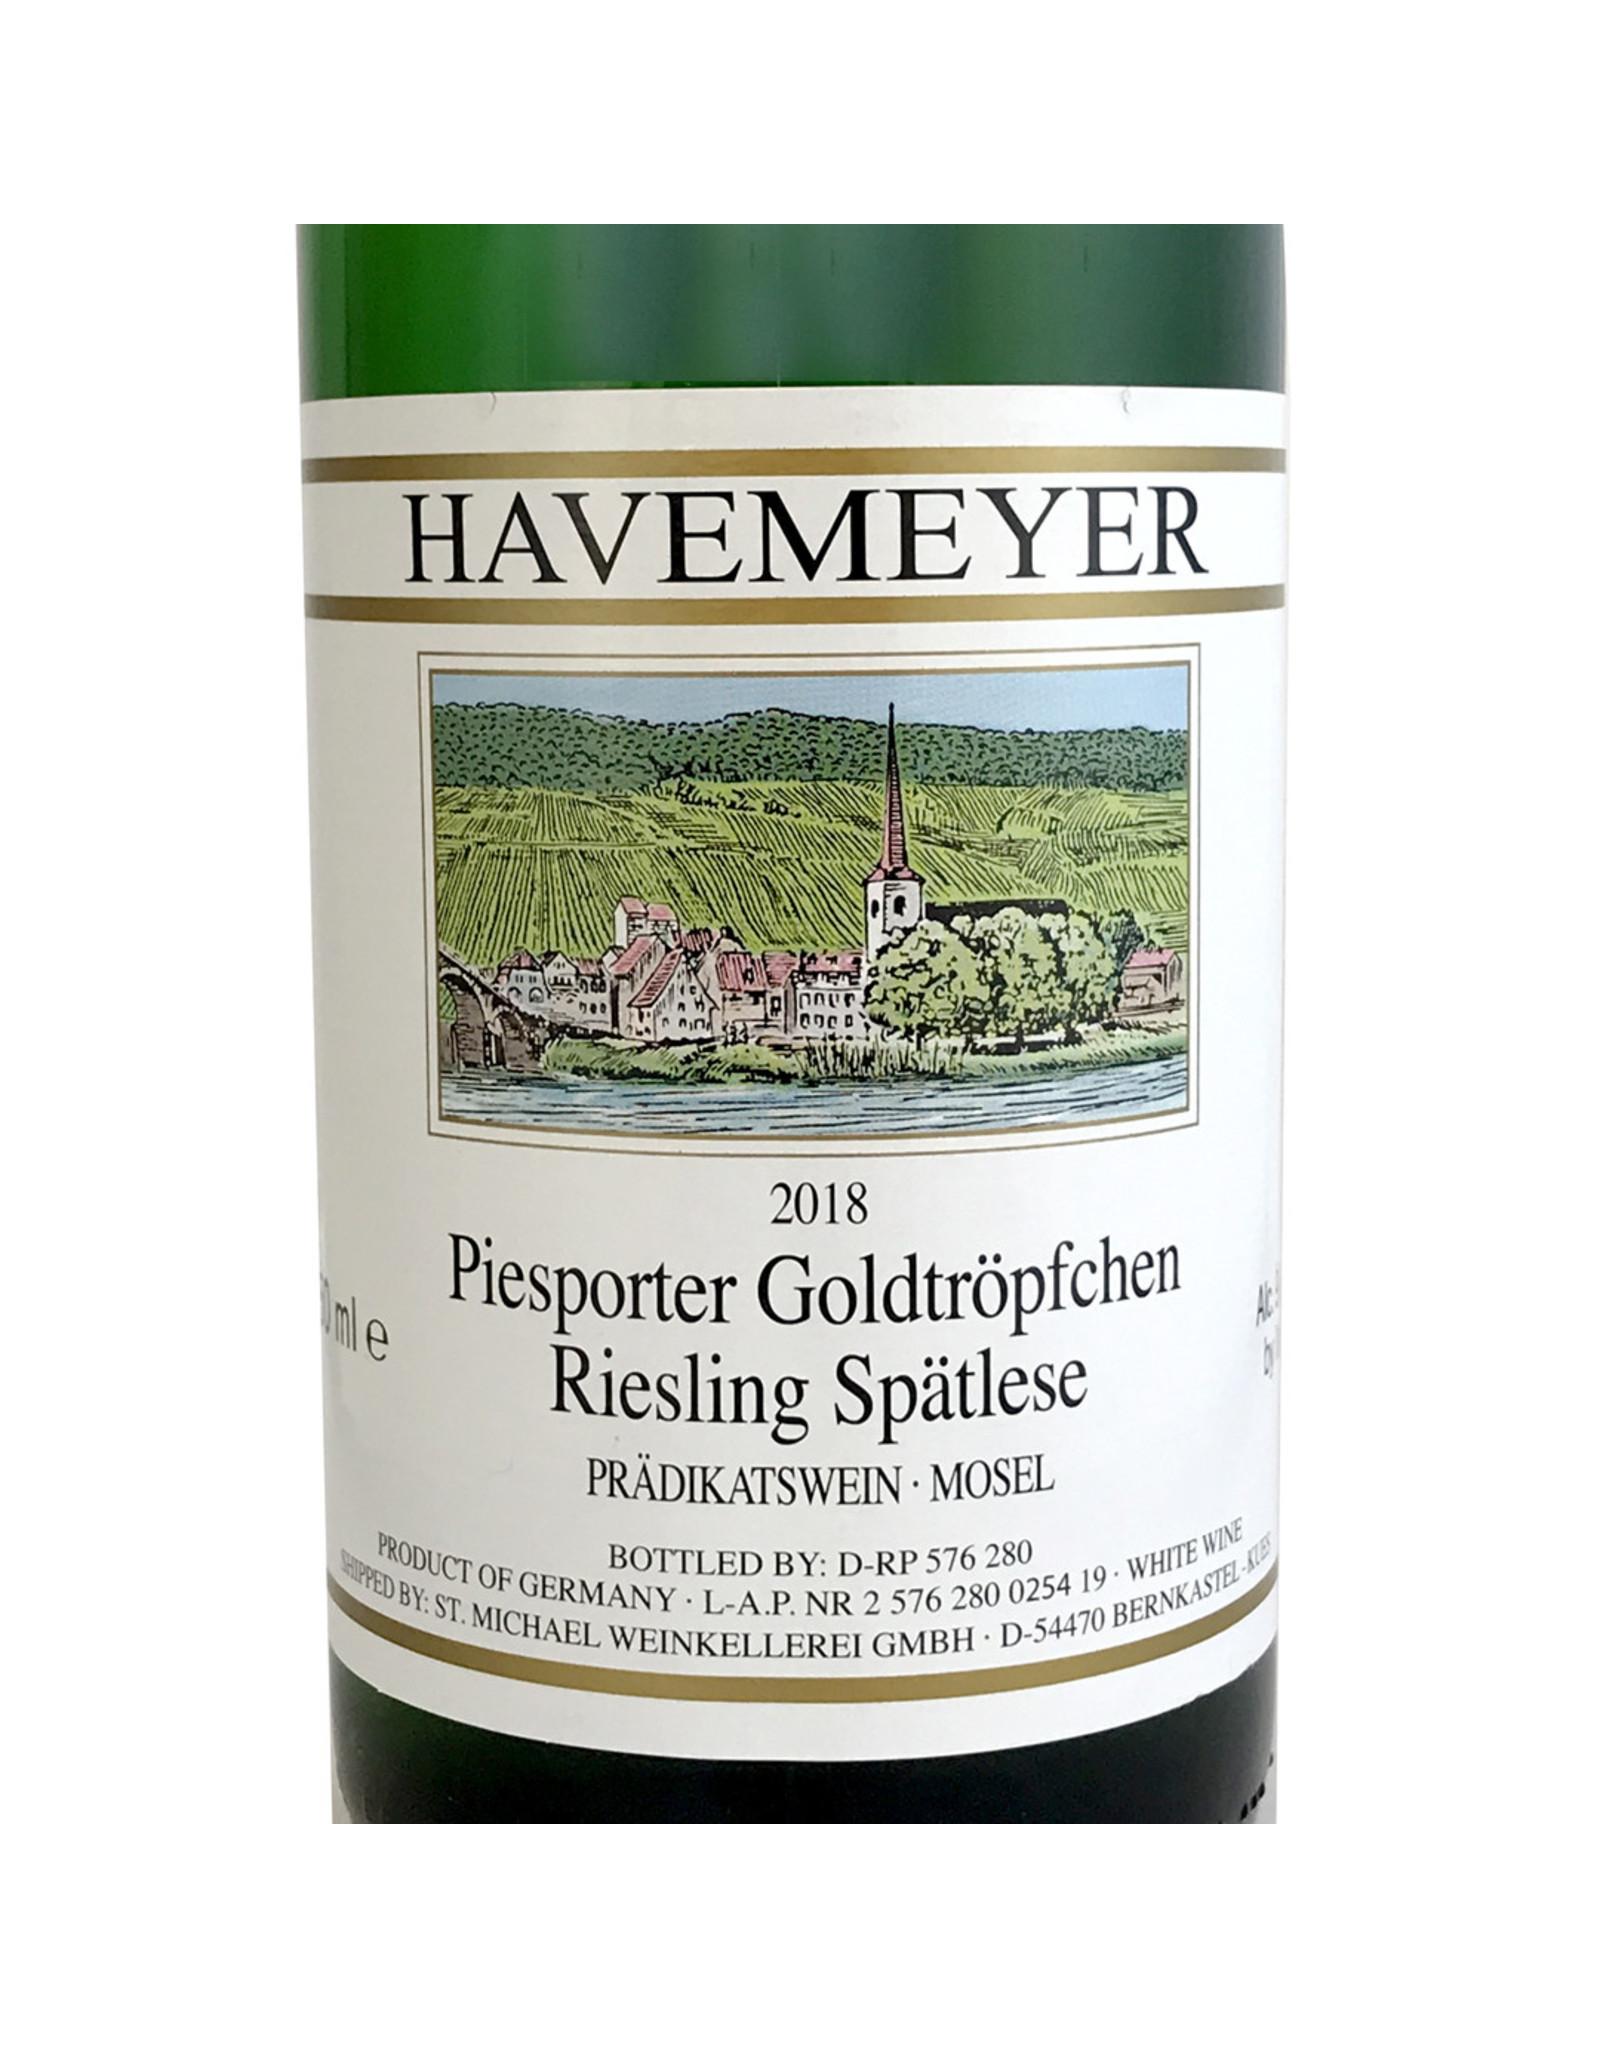 Havemeyer Piesporter Goldtröpfchen Riesling Spätlese 2018